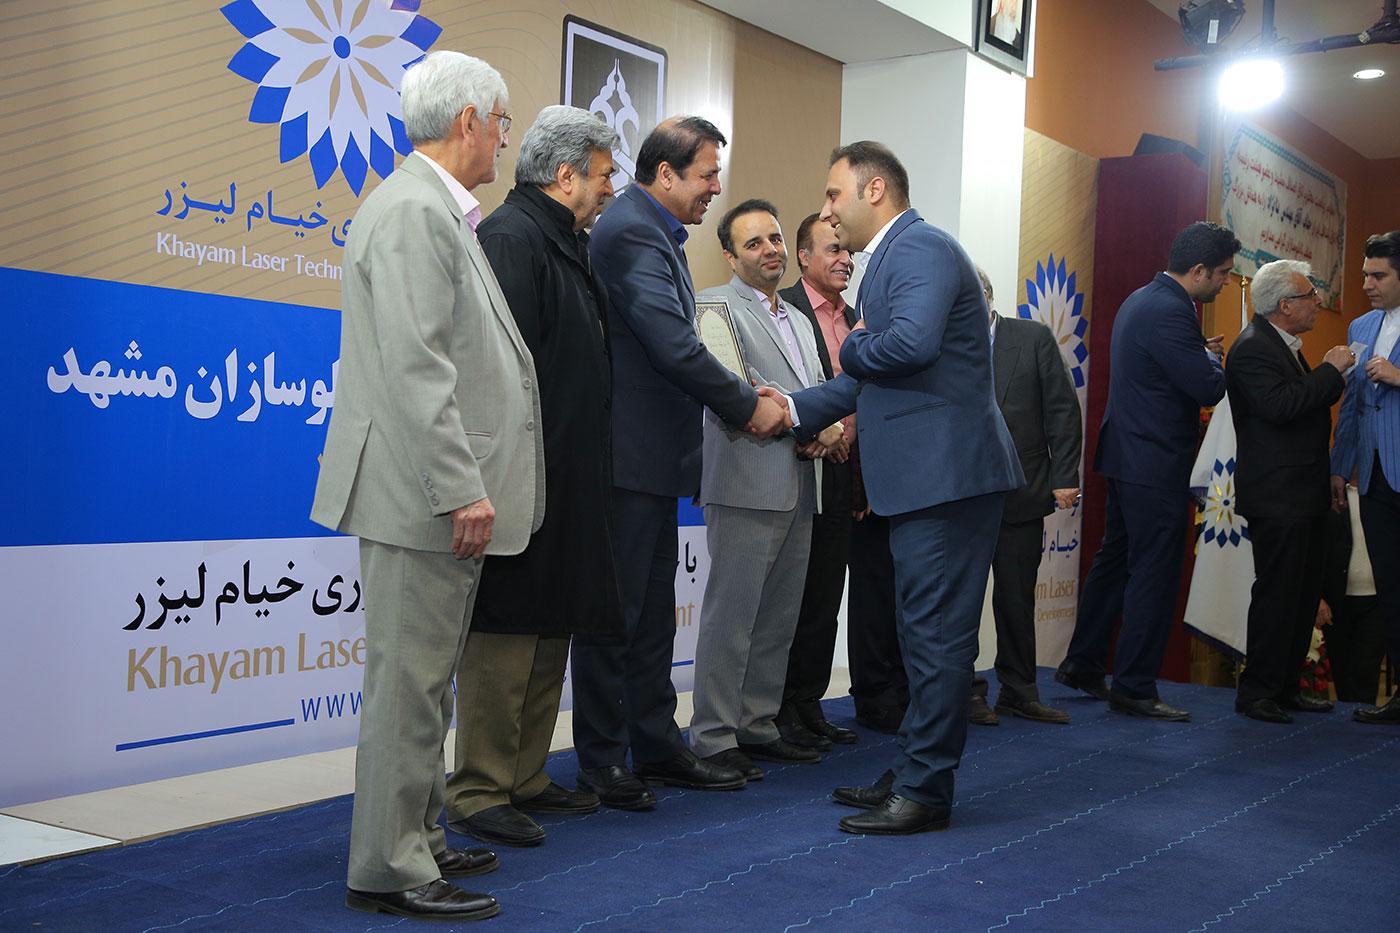 سومین همایش سالانه اتحادیه تابلو سازان مشهد بهمن 98